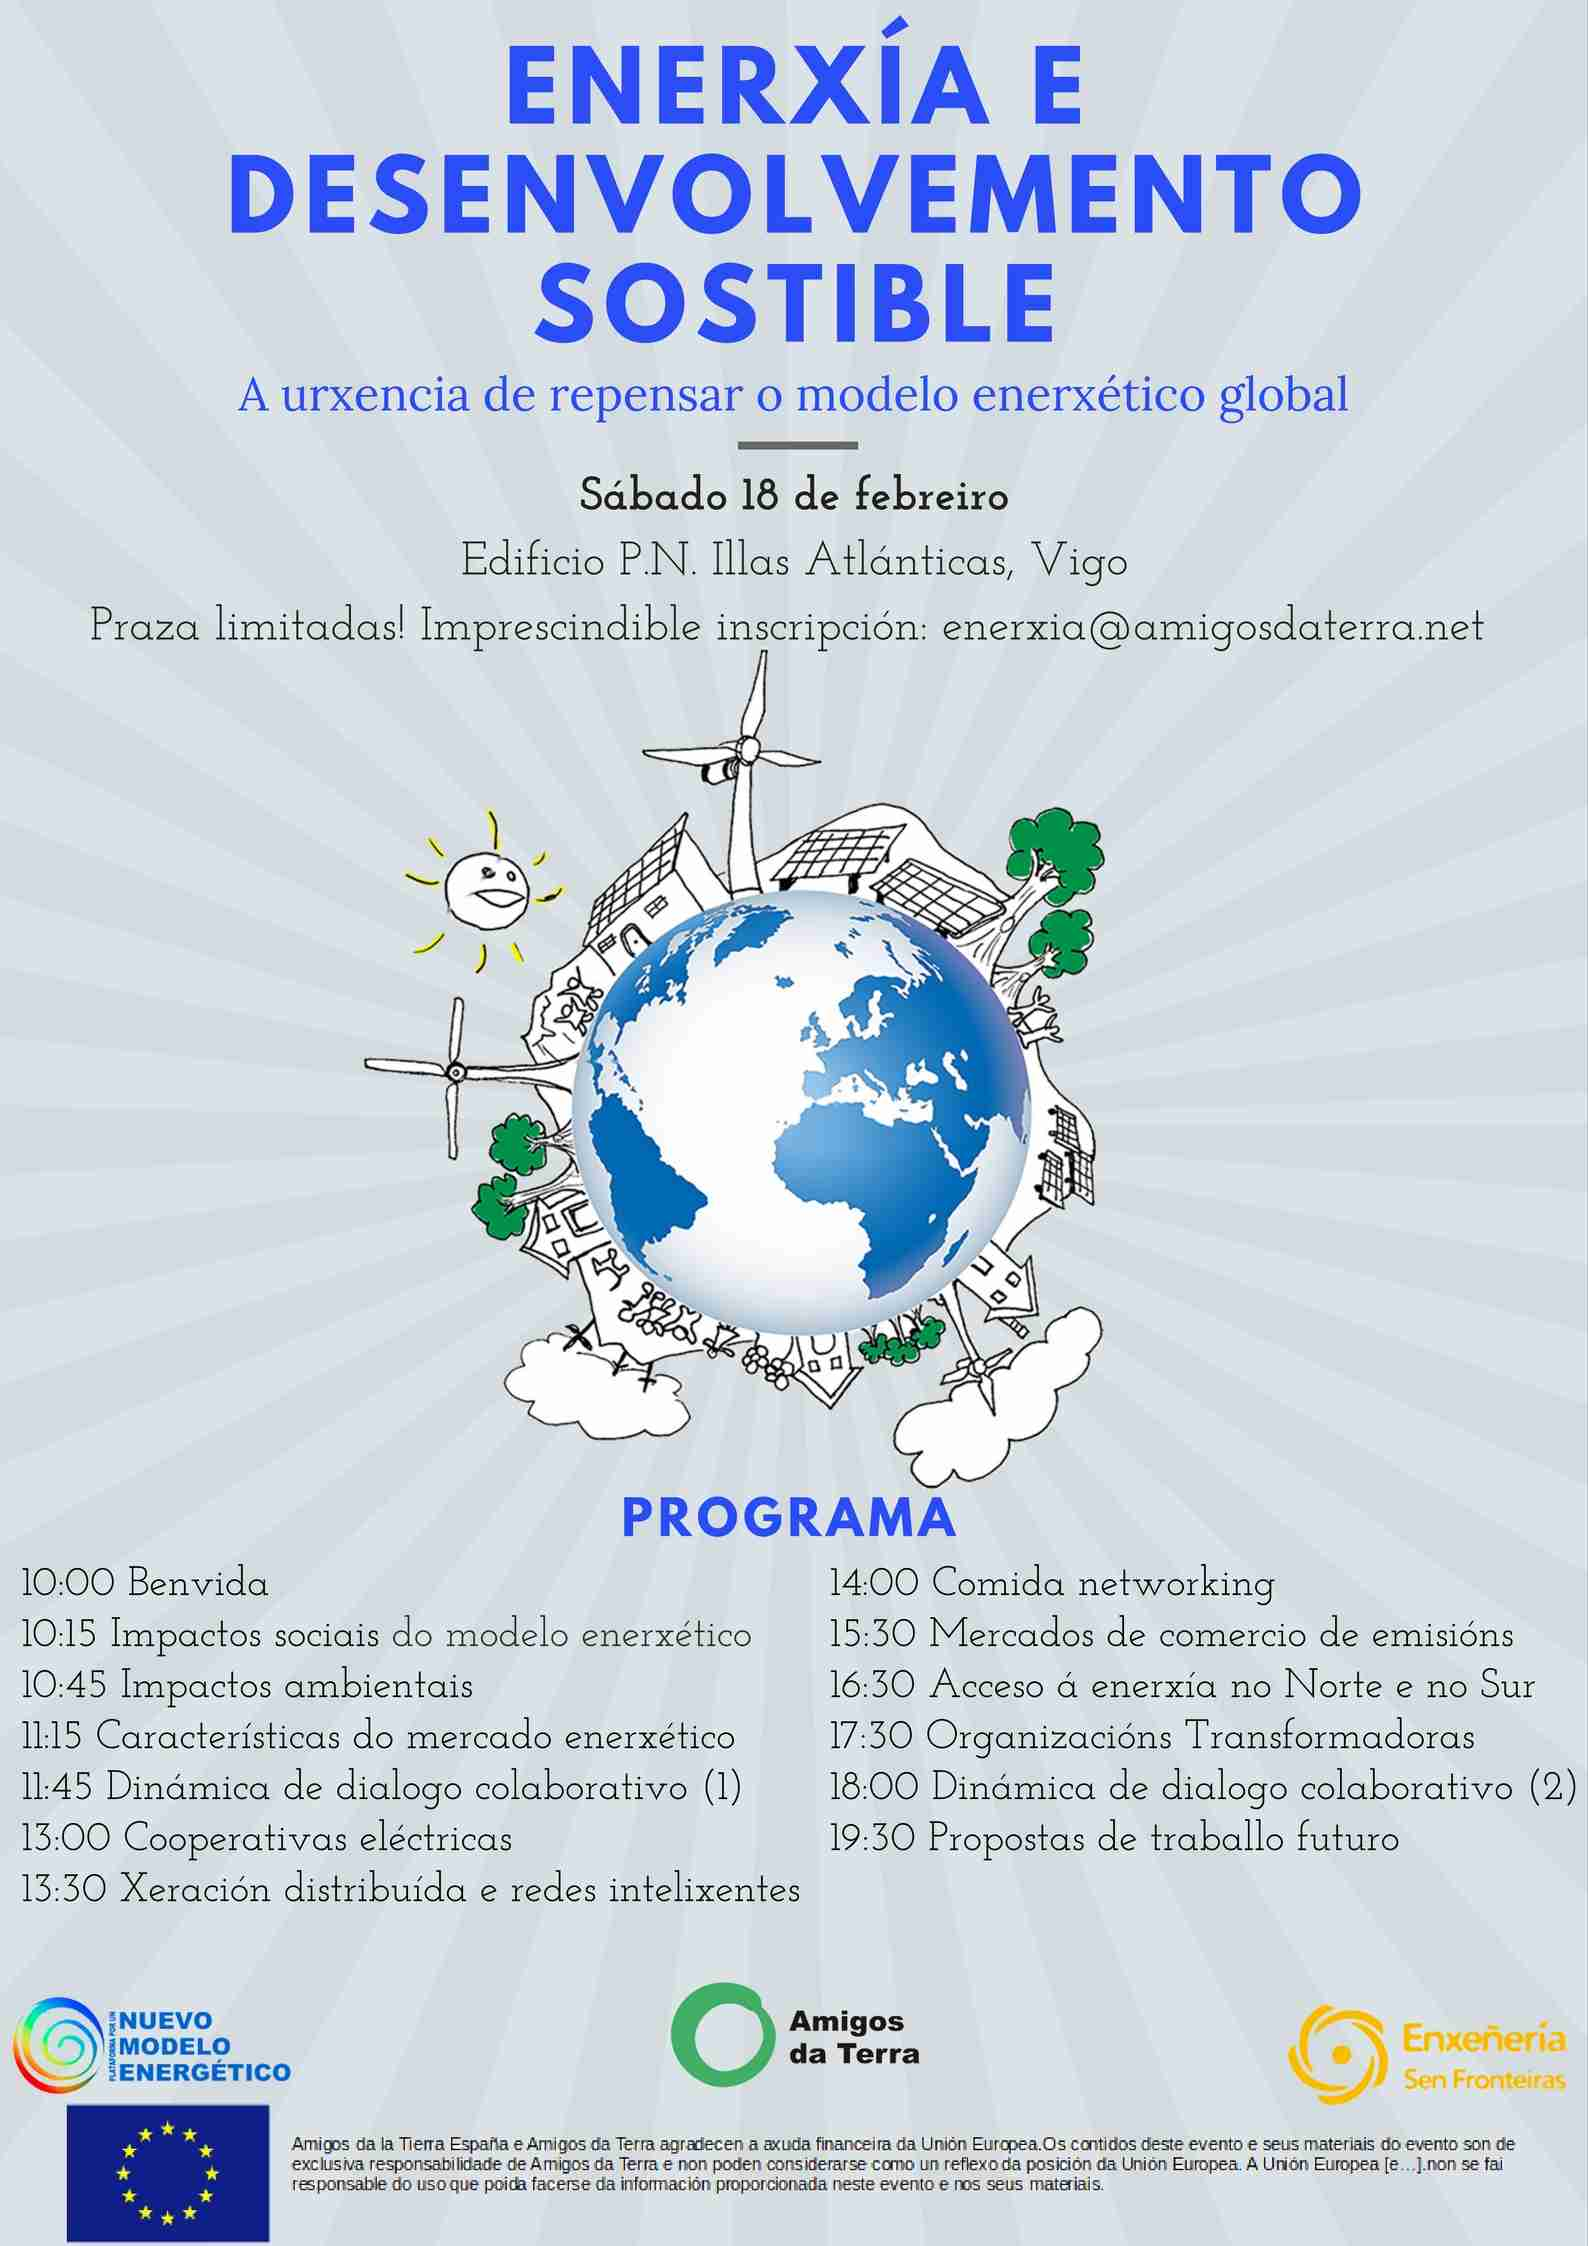 Ir a Galicia: Enerxía e desenvolvemento sostible